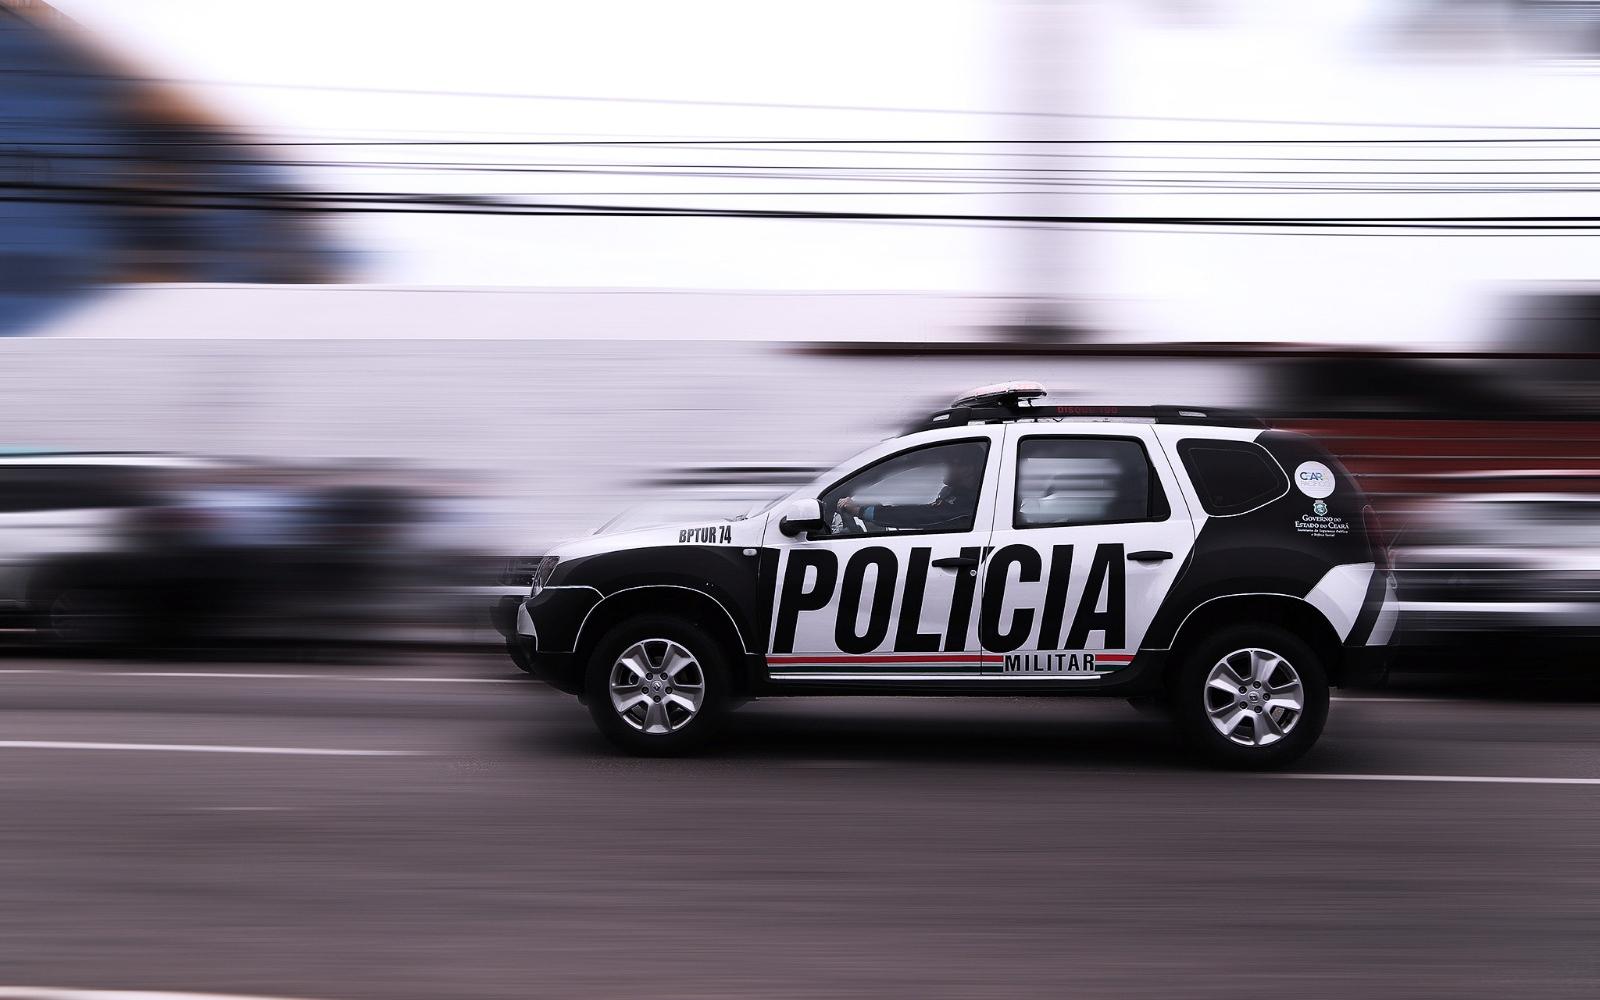 Ação da Polícia Militar com apoio da Ciopaer resulta na captura de quatro suspeitos de envolvimento em ações criminosas na Capital